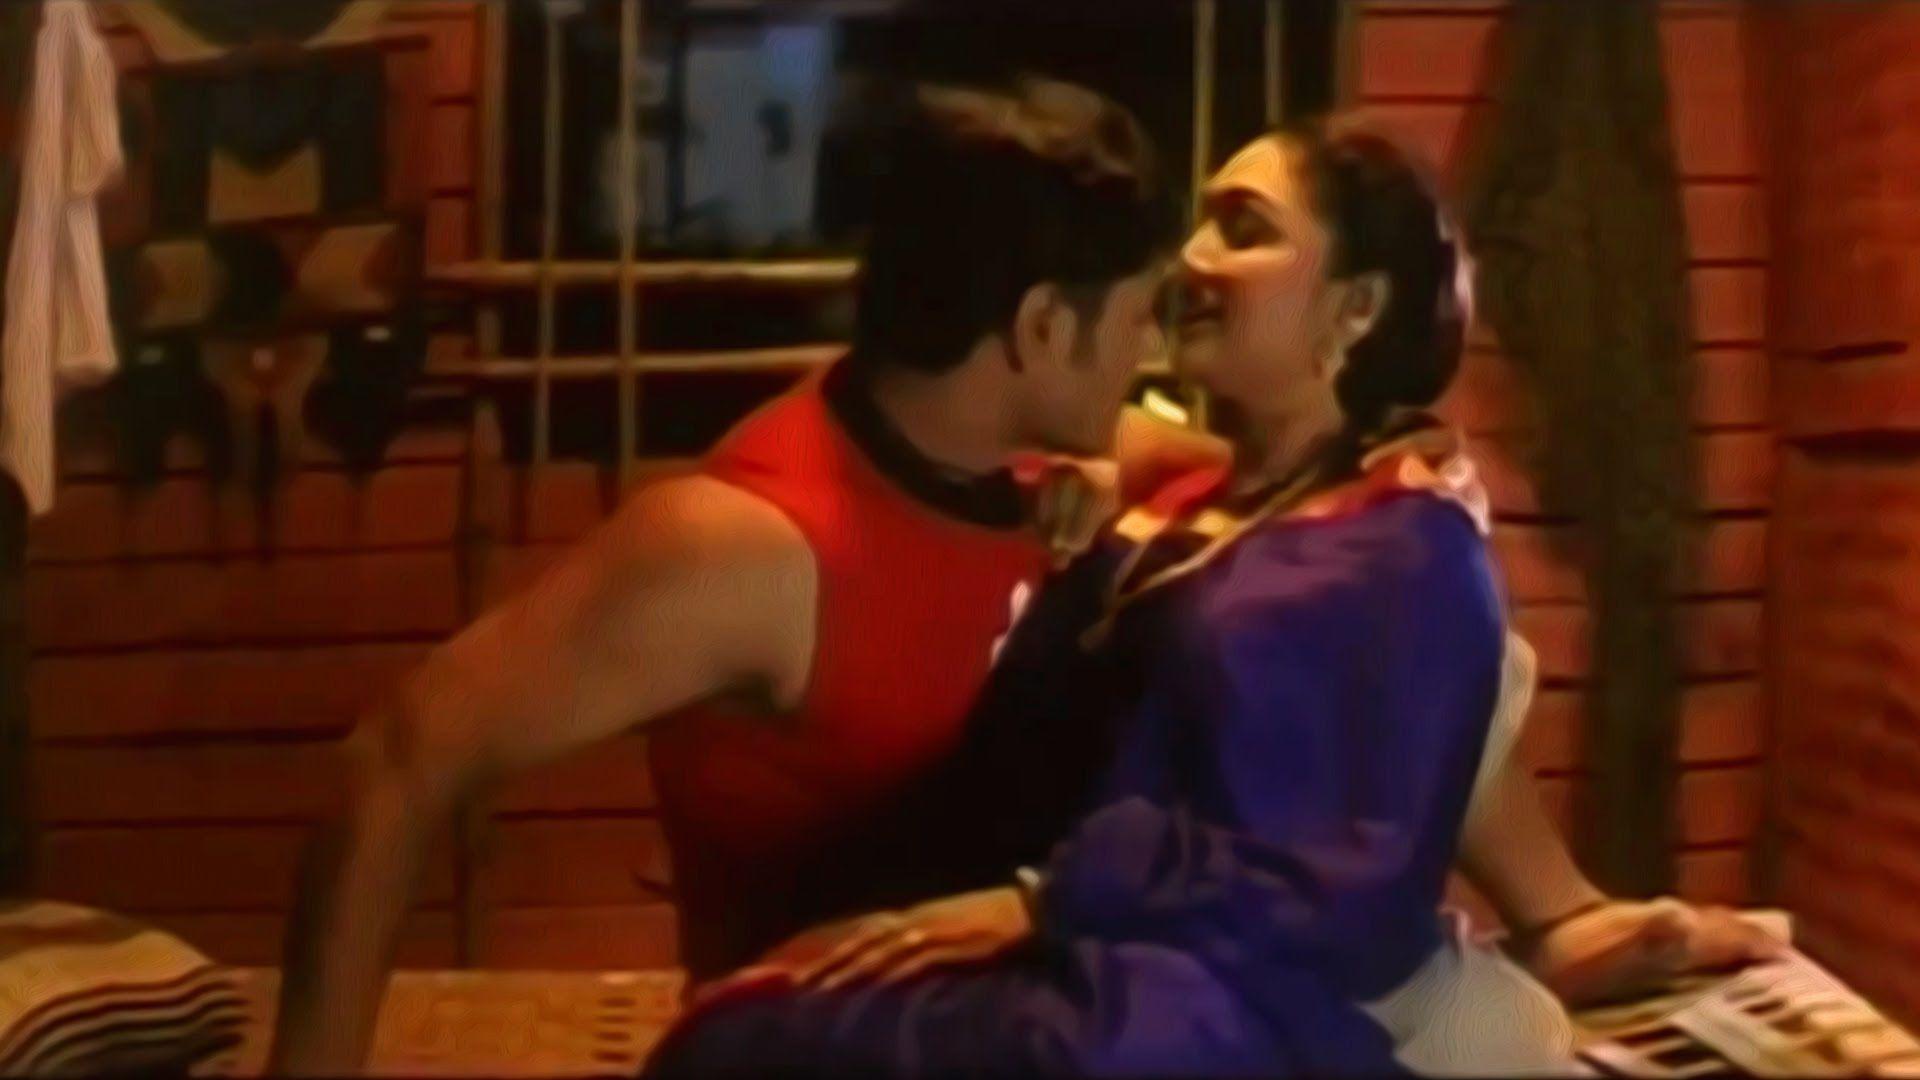 Malayalam Actress Devika Hot Scene Video Hot Movies T-1928